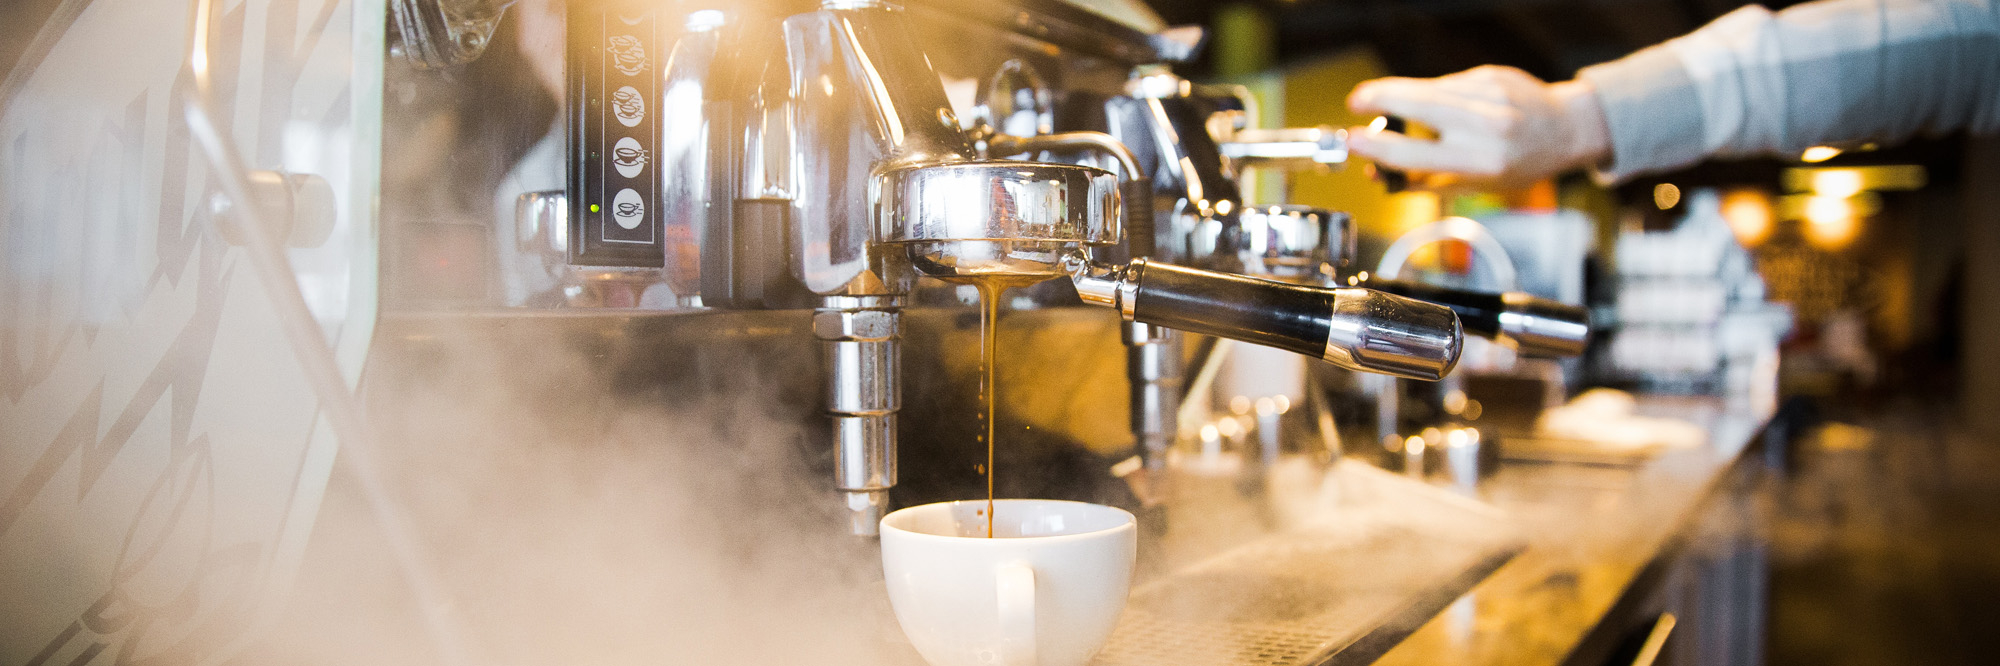 Couverture fournisseur de café CHR